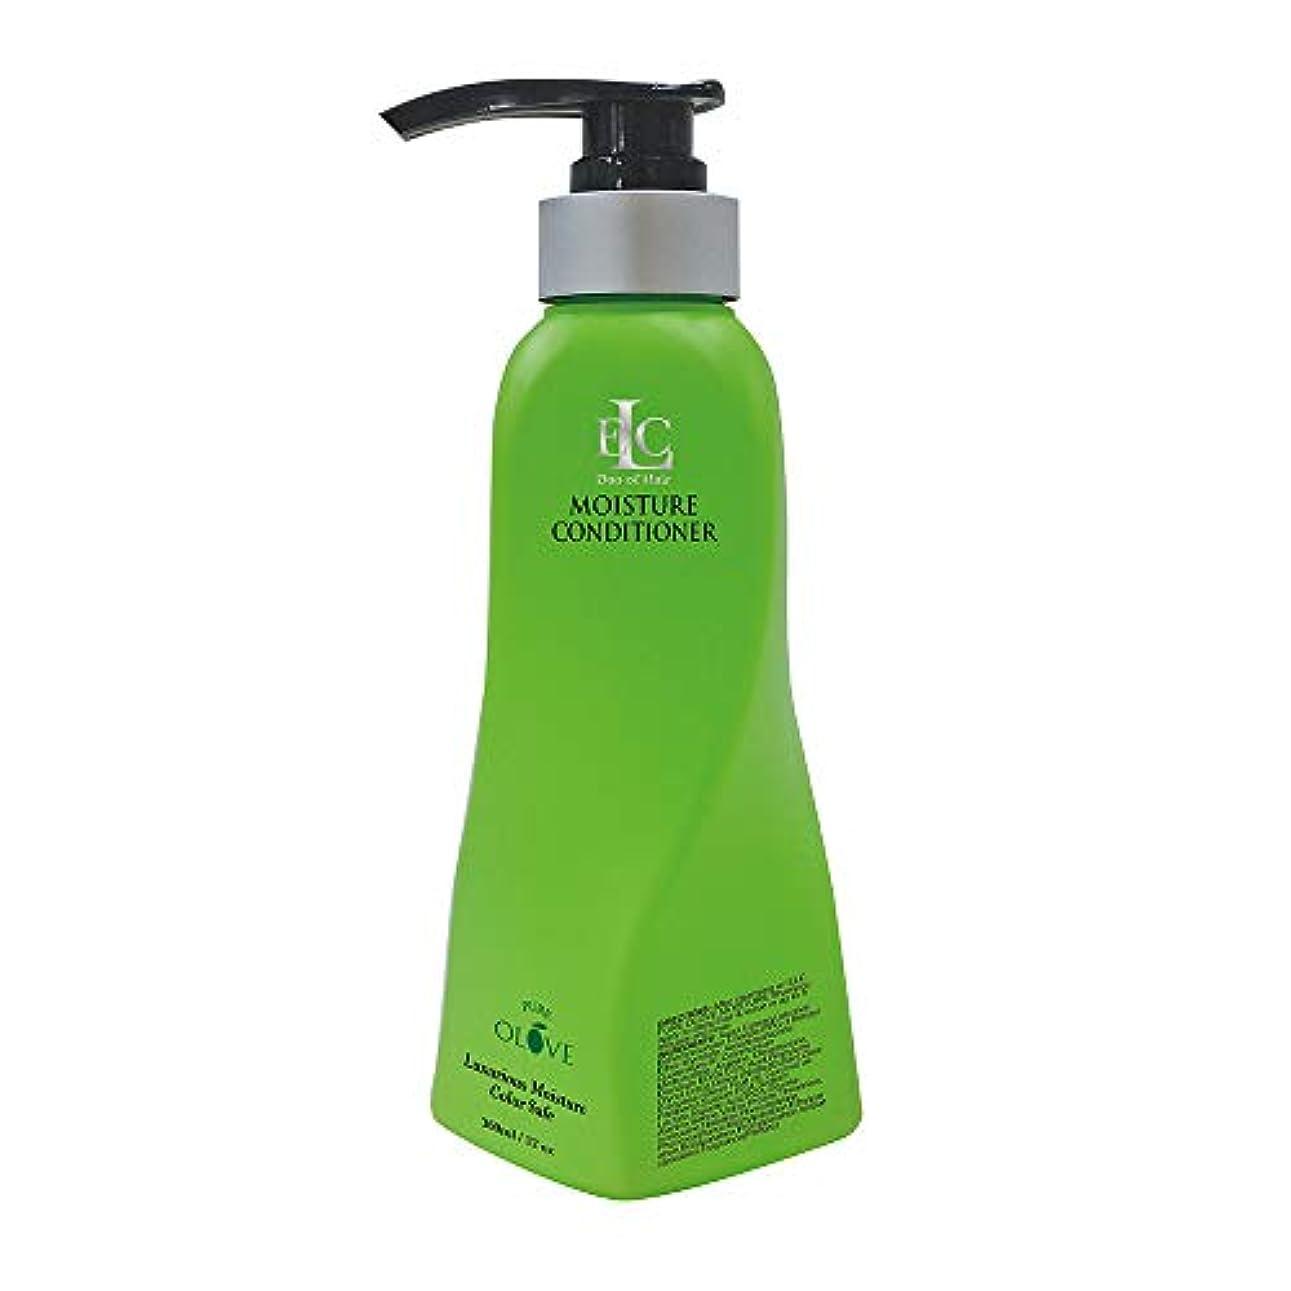 スケルトン解説風邪をひくELC Dao of Hair ELCピュアOloveモイスチャライジングコンディショナー - モイスチャーリッチナチュラルボタニカル&有機油は、栄養を与え、修理、強化、ドライ髪を再水和 12オンス